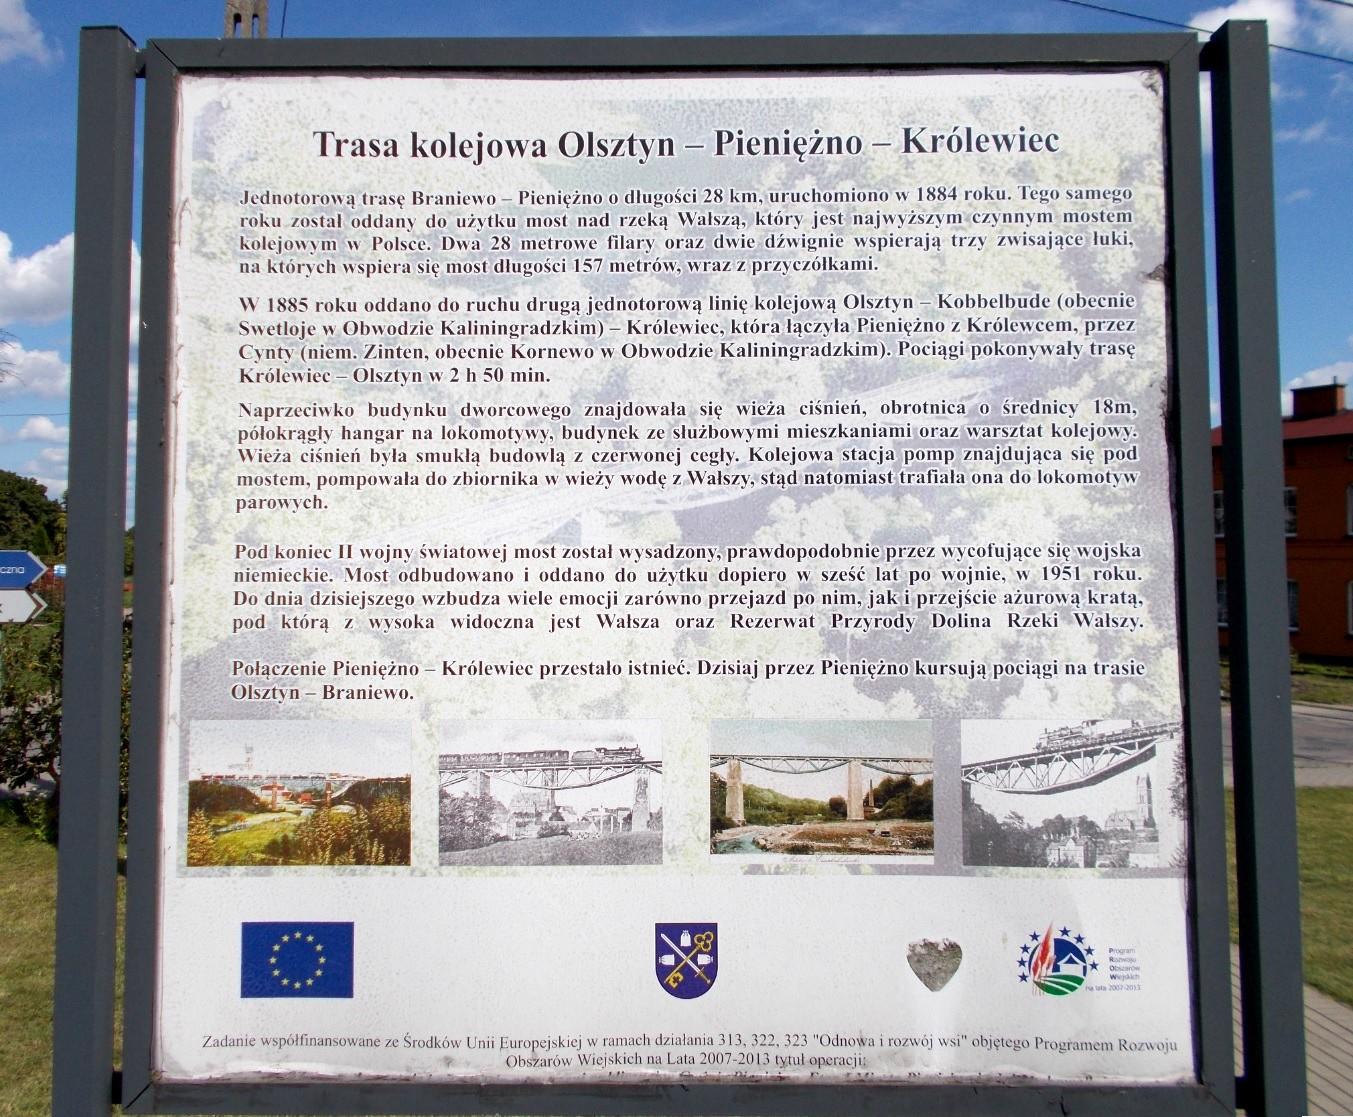 Pieniężno - tablica informacyjna o moście na Wałszy.jpg